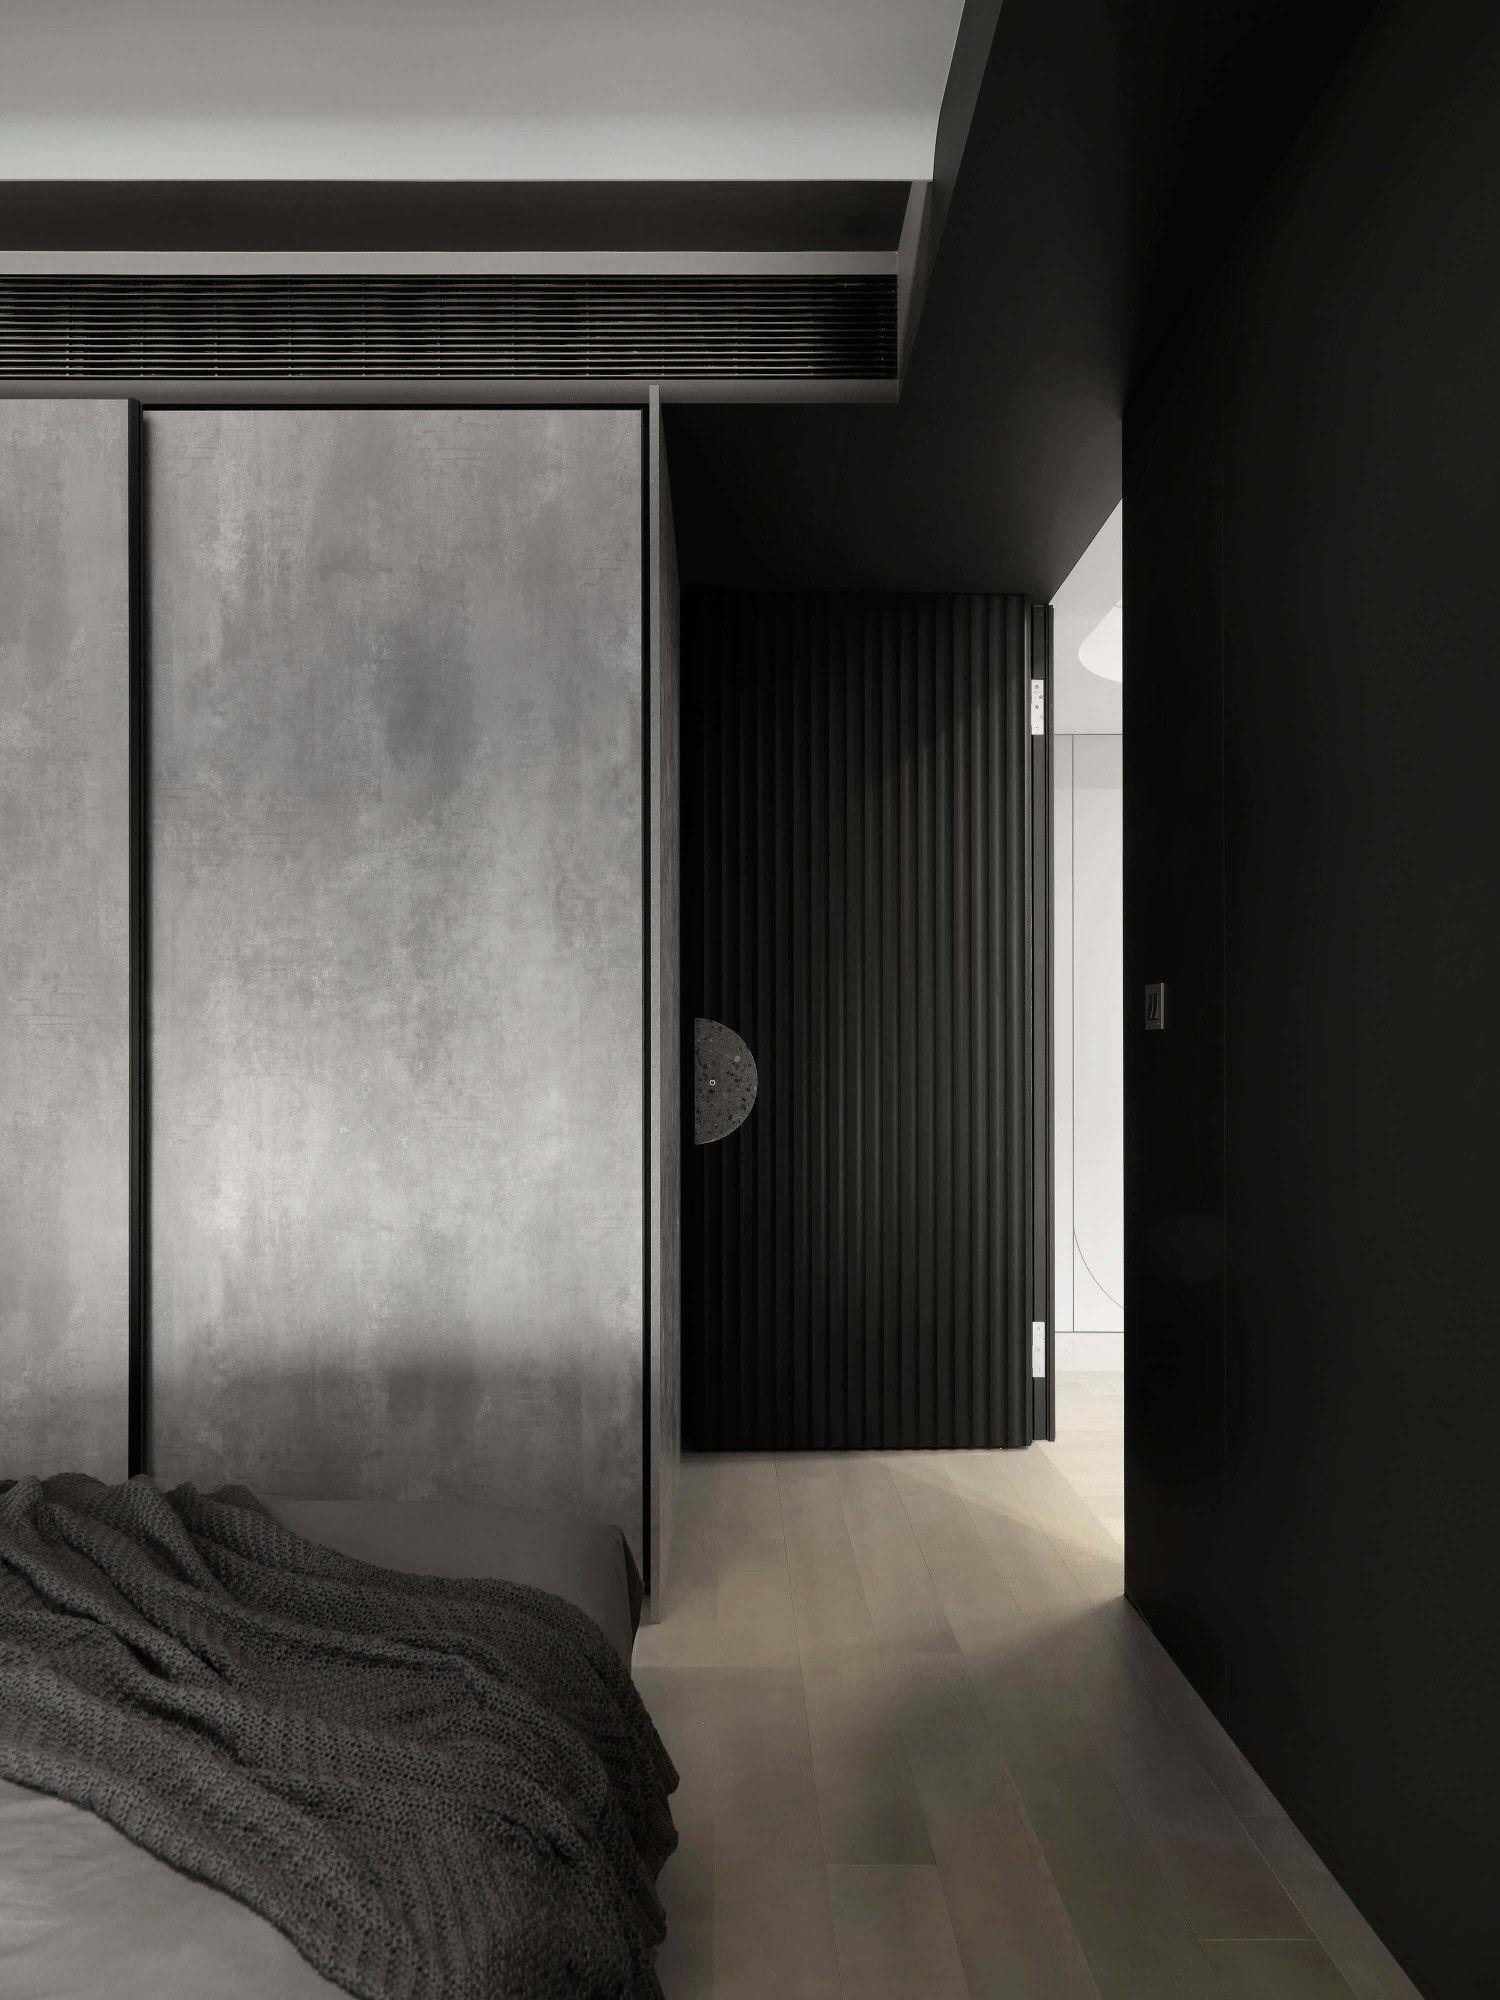 台中分子設計-現代風設計師-台中七期室內設計-電梯大樓整體規劃-臥室設計、隱藏門、滑門衣櫃收納